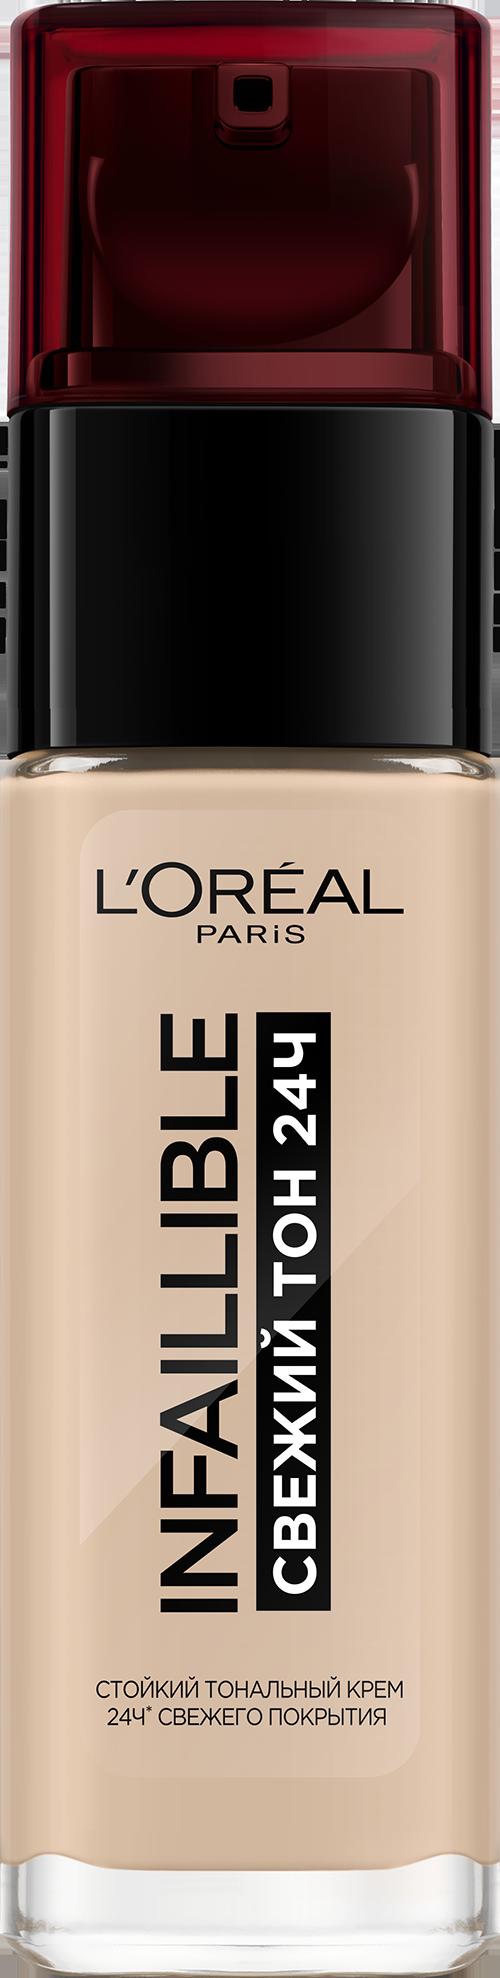 Купить Тональный крем L'Oreal Paris Infallible 24h Stay Fresh Foundation 025 30 мл Светло-розовый